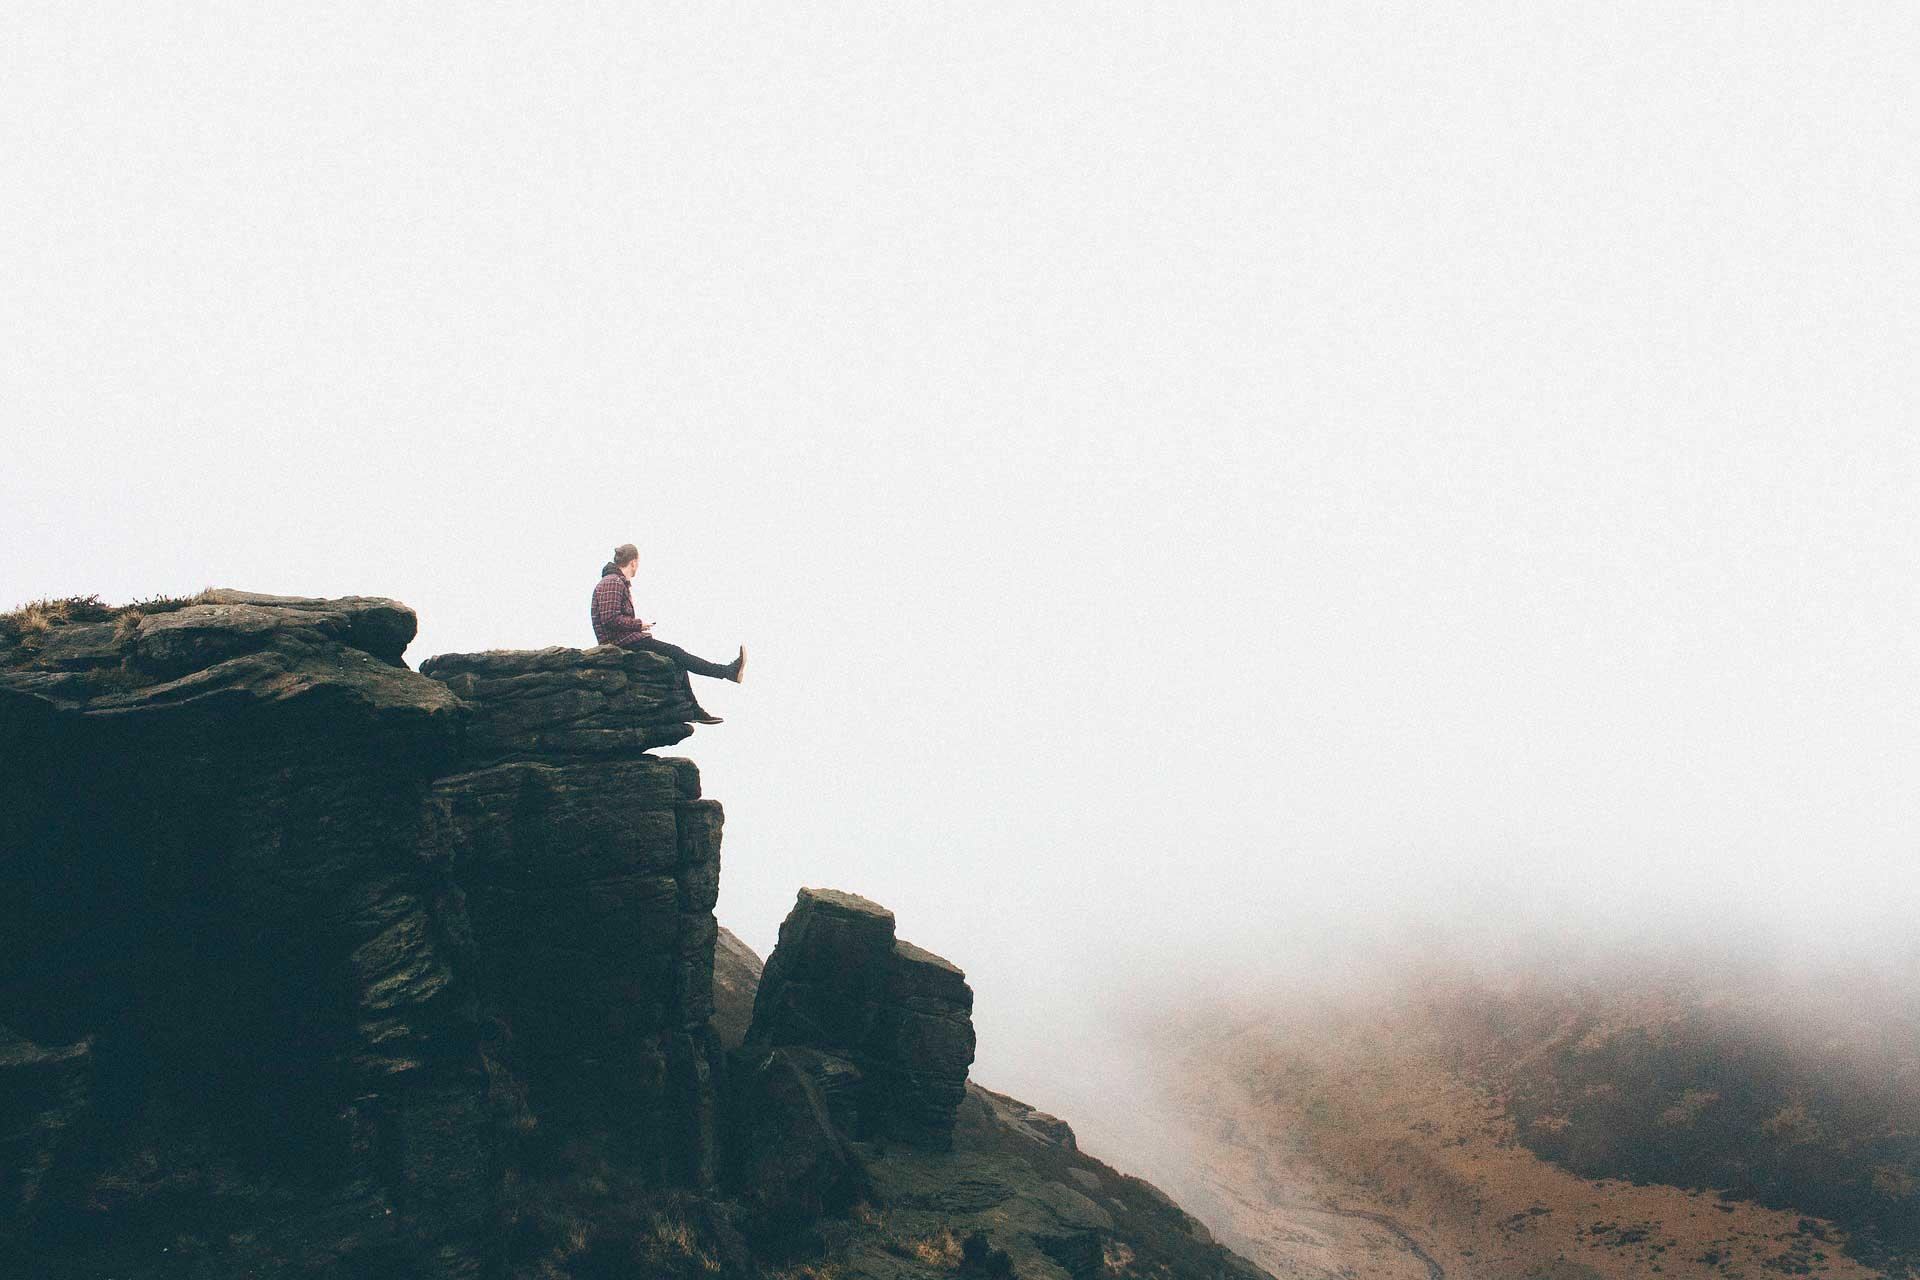 emprende-el-camino-de-regreso-a-casa-cada-vez-que-sea-necesario-el-salto-de-consciencia-2